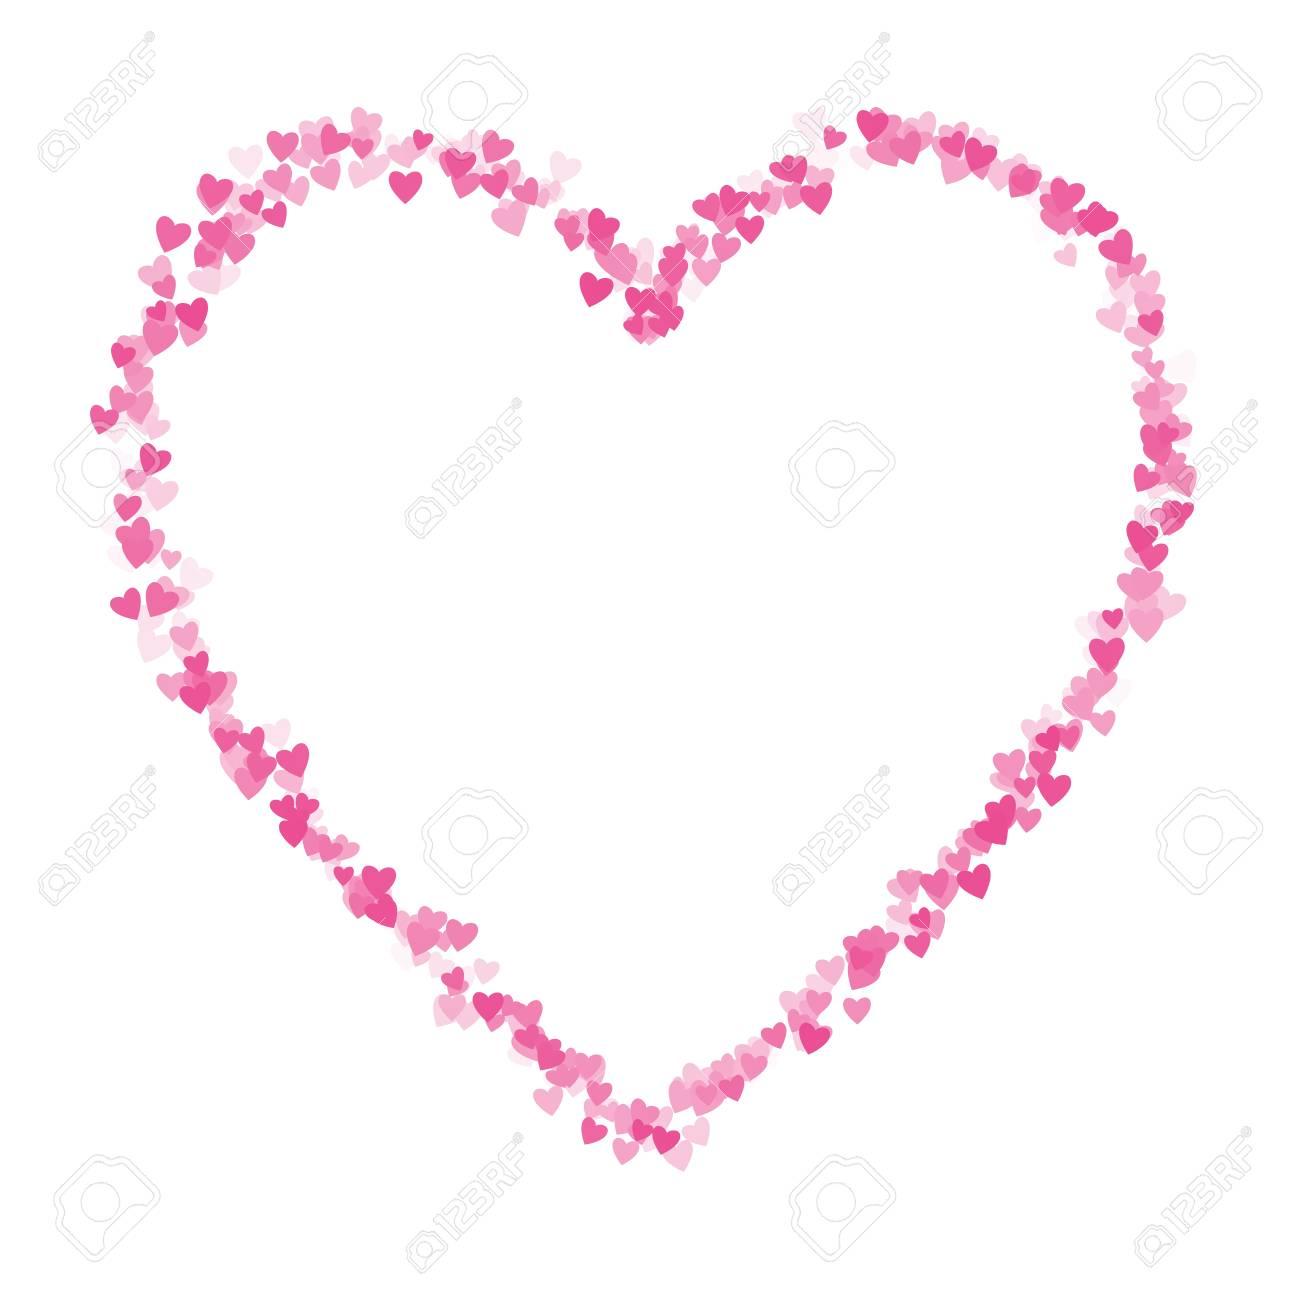 Coeur Rose D Amour Forme Composee De Coeurs Banque D Images Et